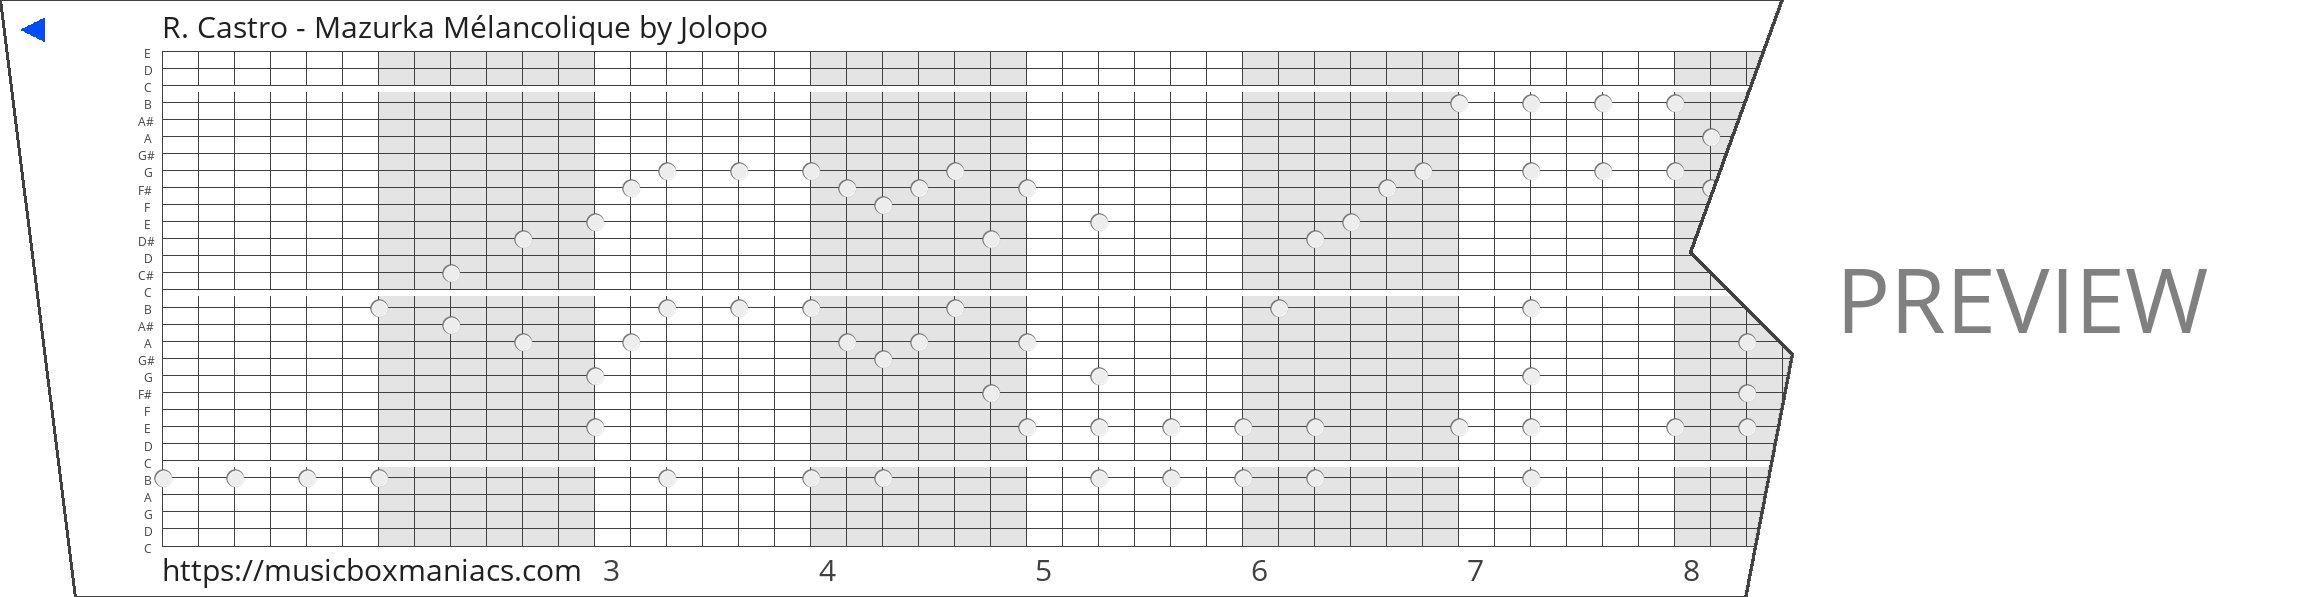 R. Castro - Mazurka Mélancolique 30 note music box paper strip